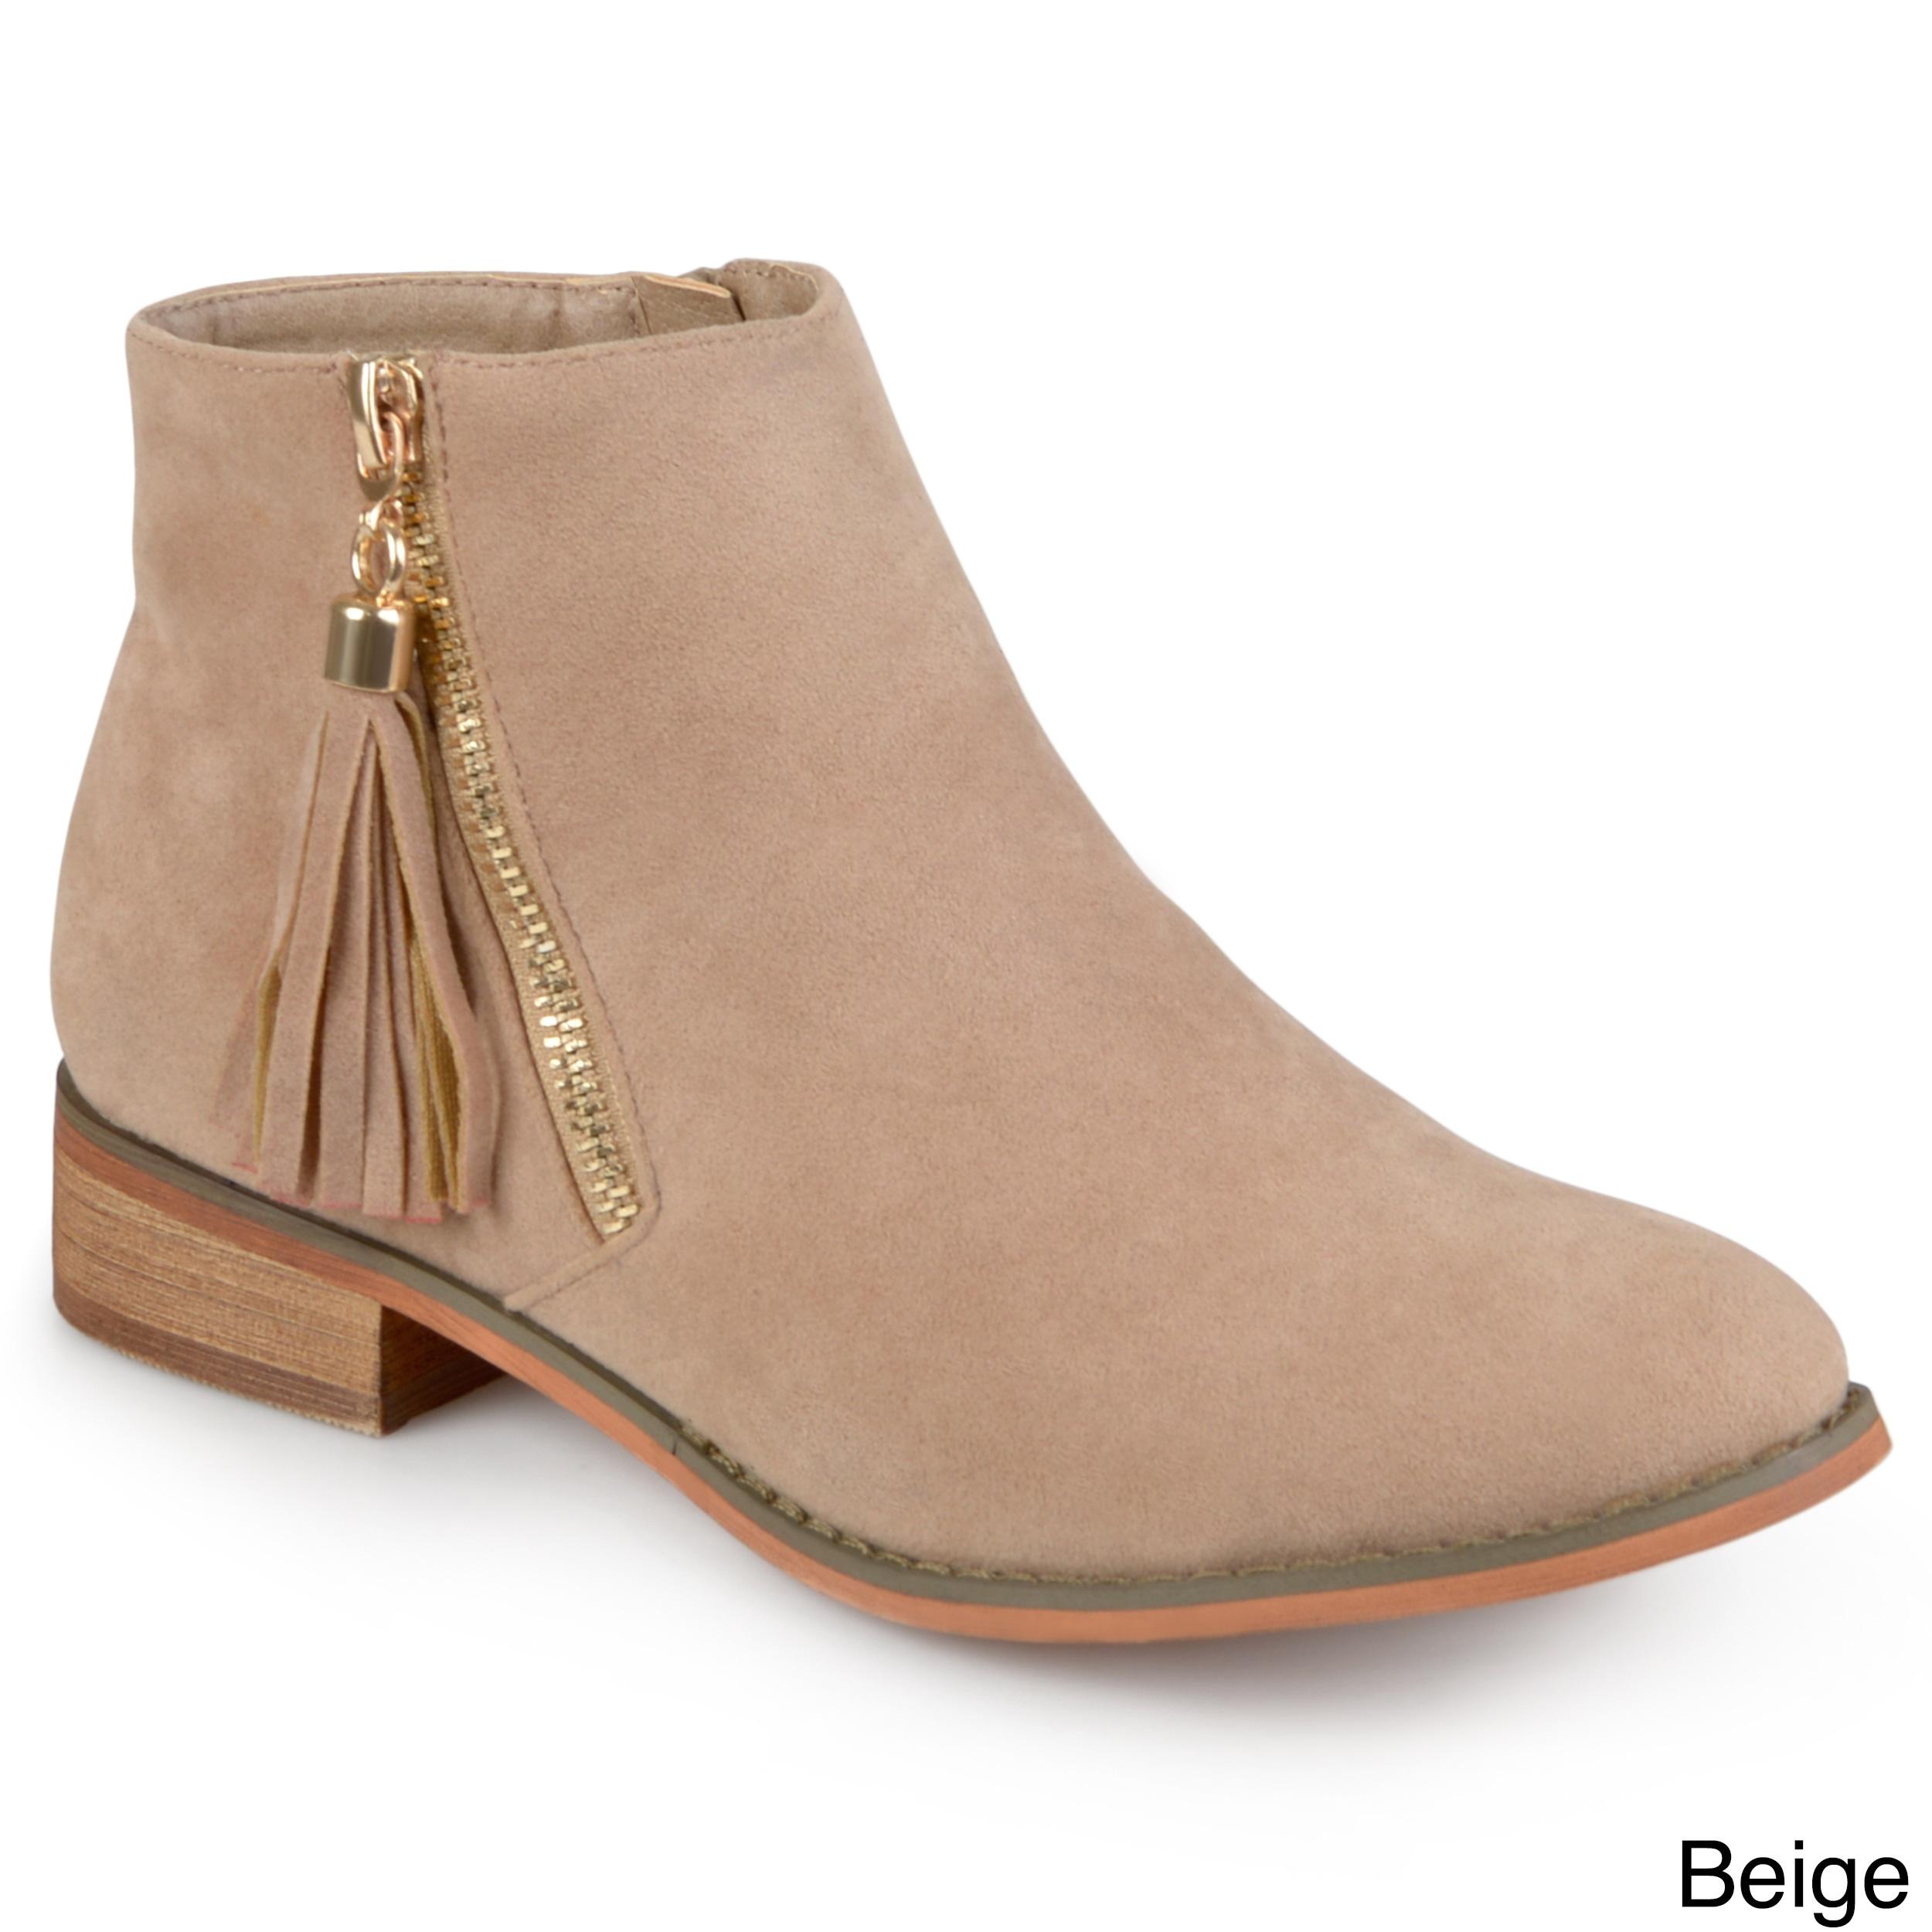 b83f7ec2ec36 Women s Stella Keel BootieWomen s Stella Keel Bootie Womens Faux Suede Side  Zip Ankle Boots